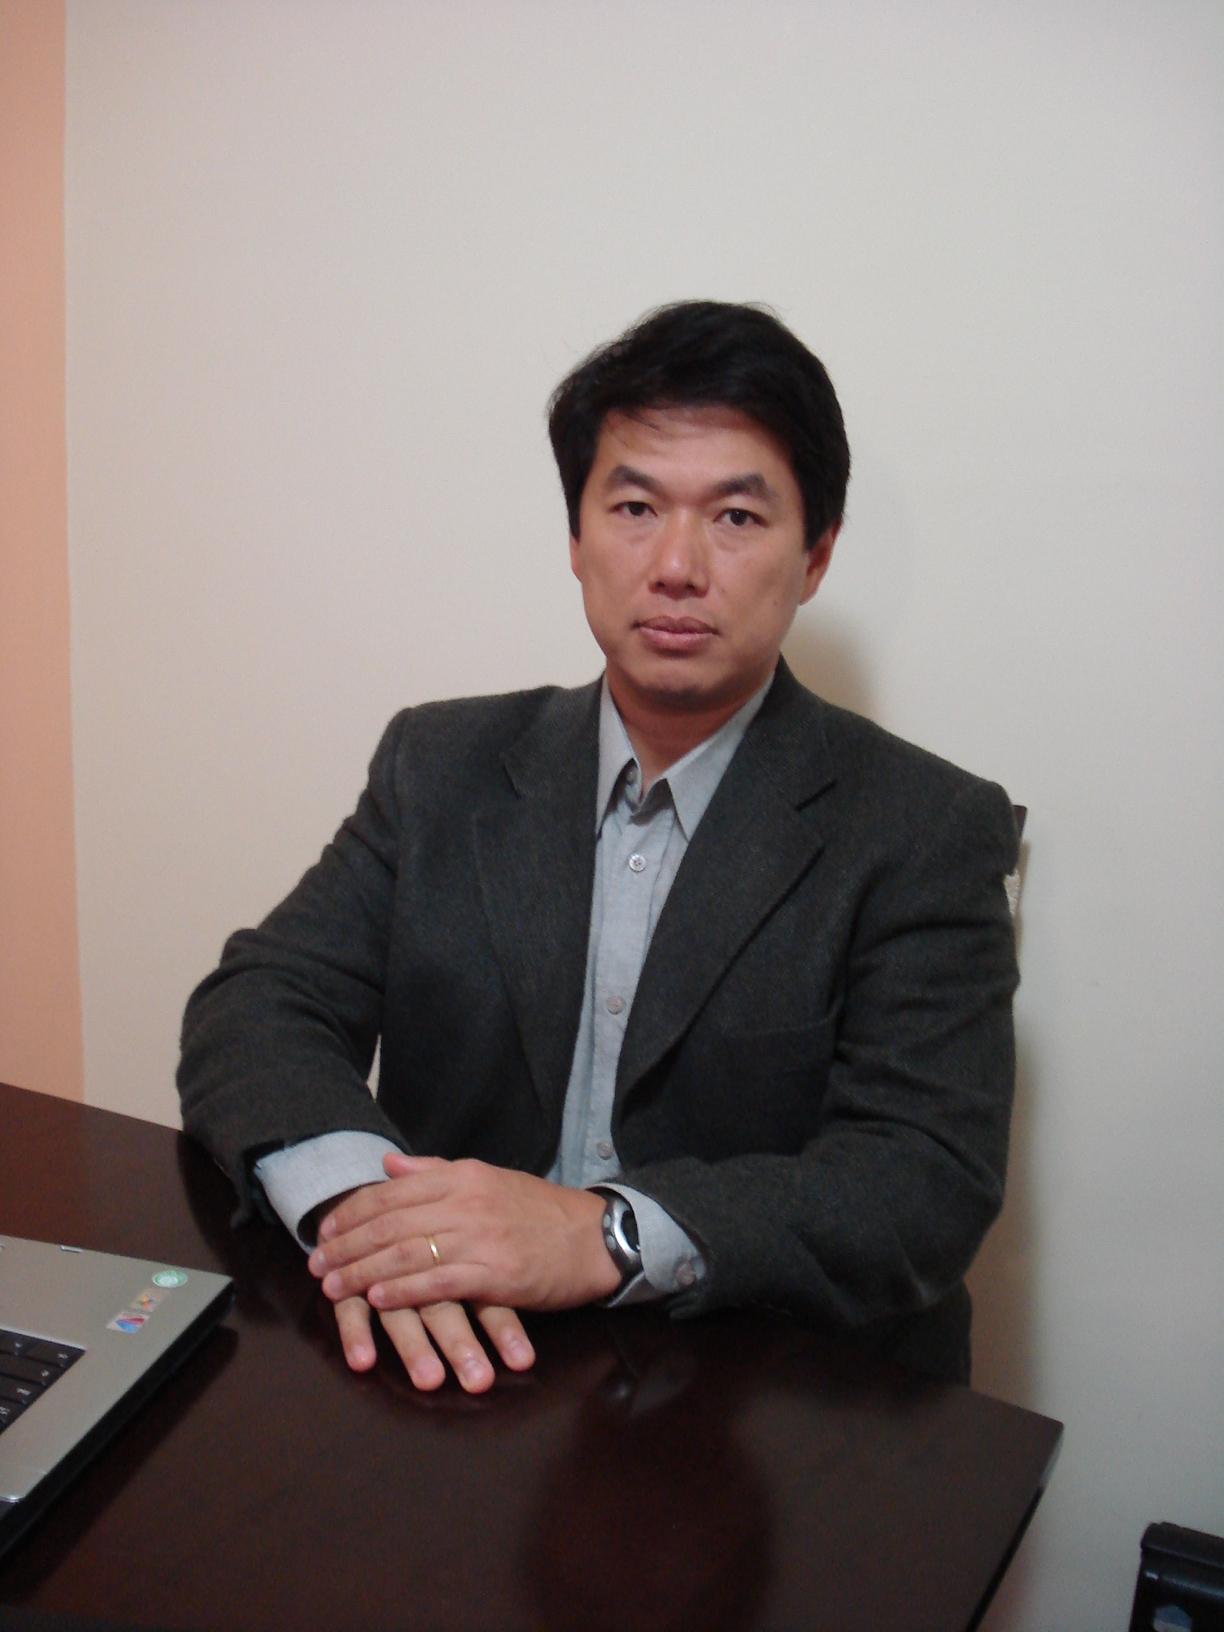 Teng Chei Tung